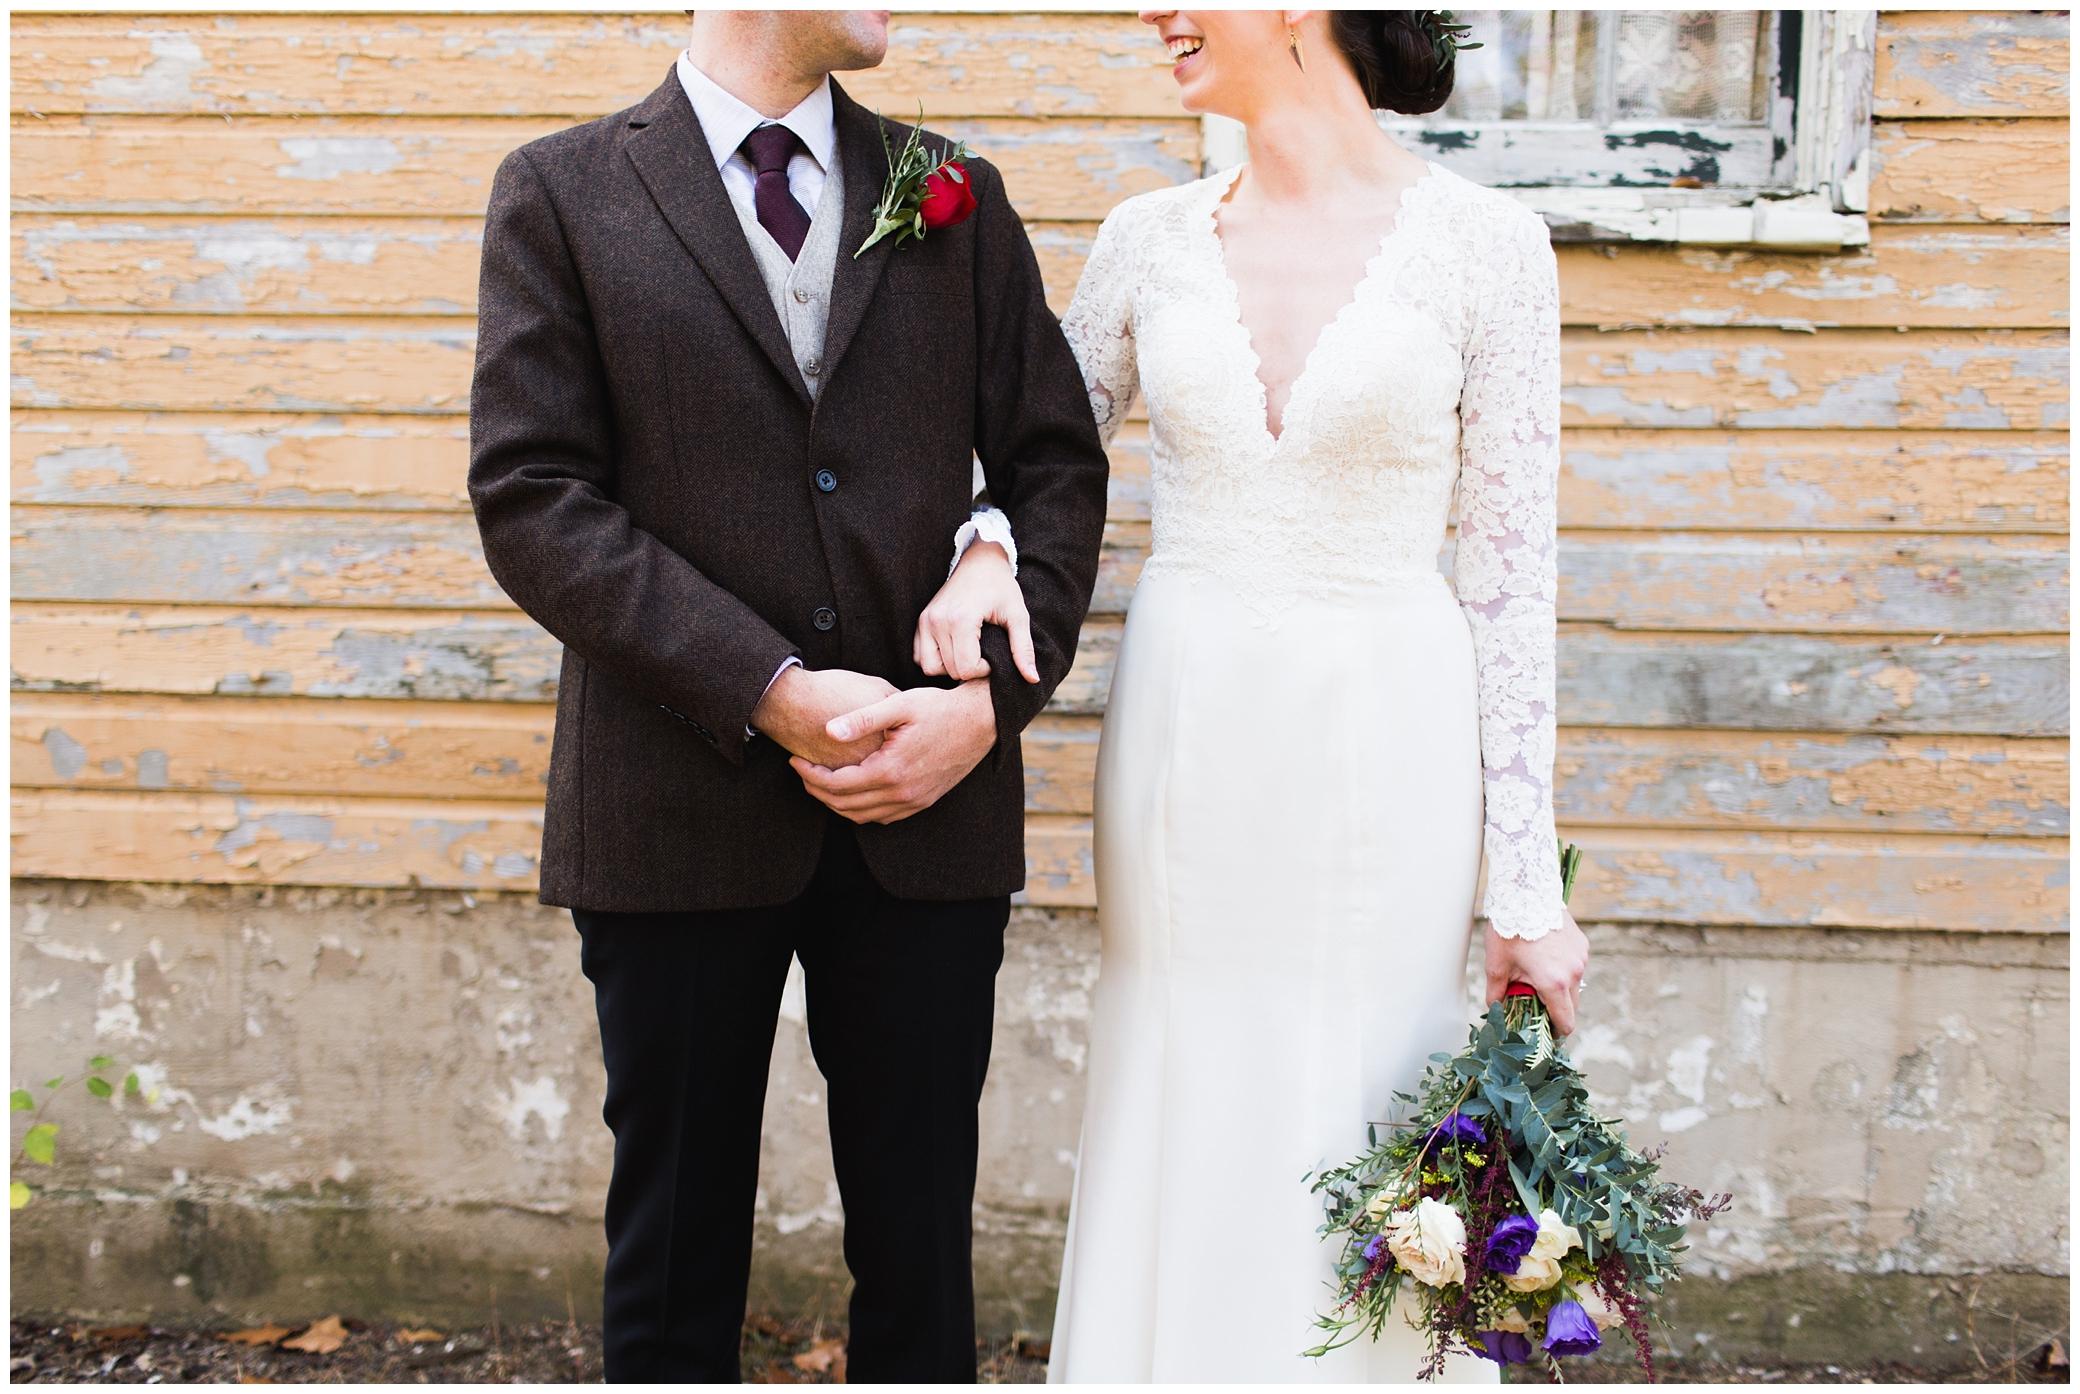 Jill greenfield wedding